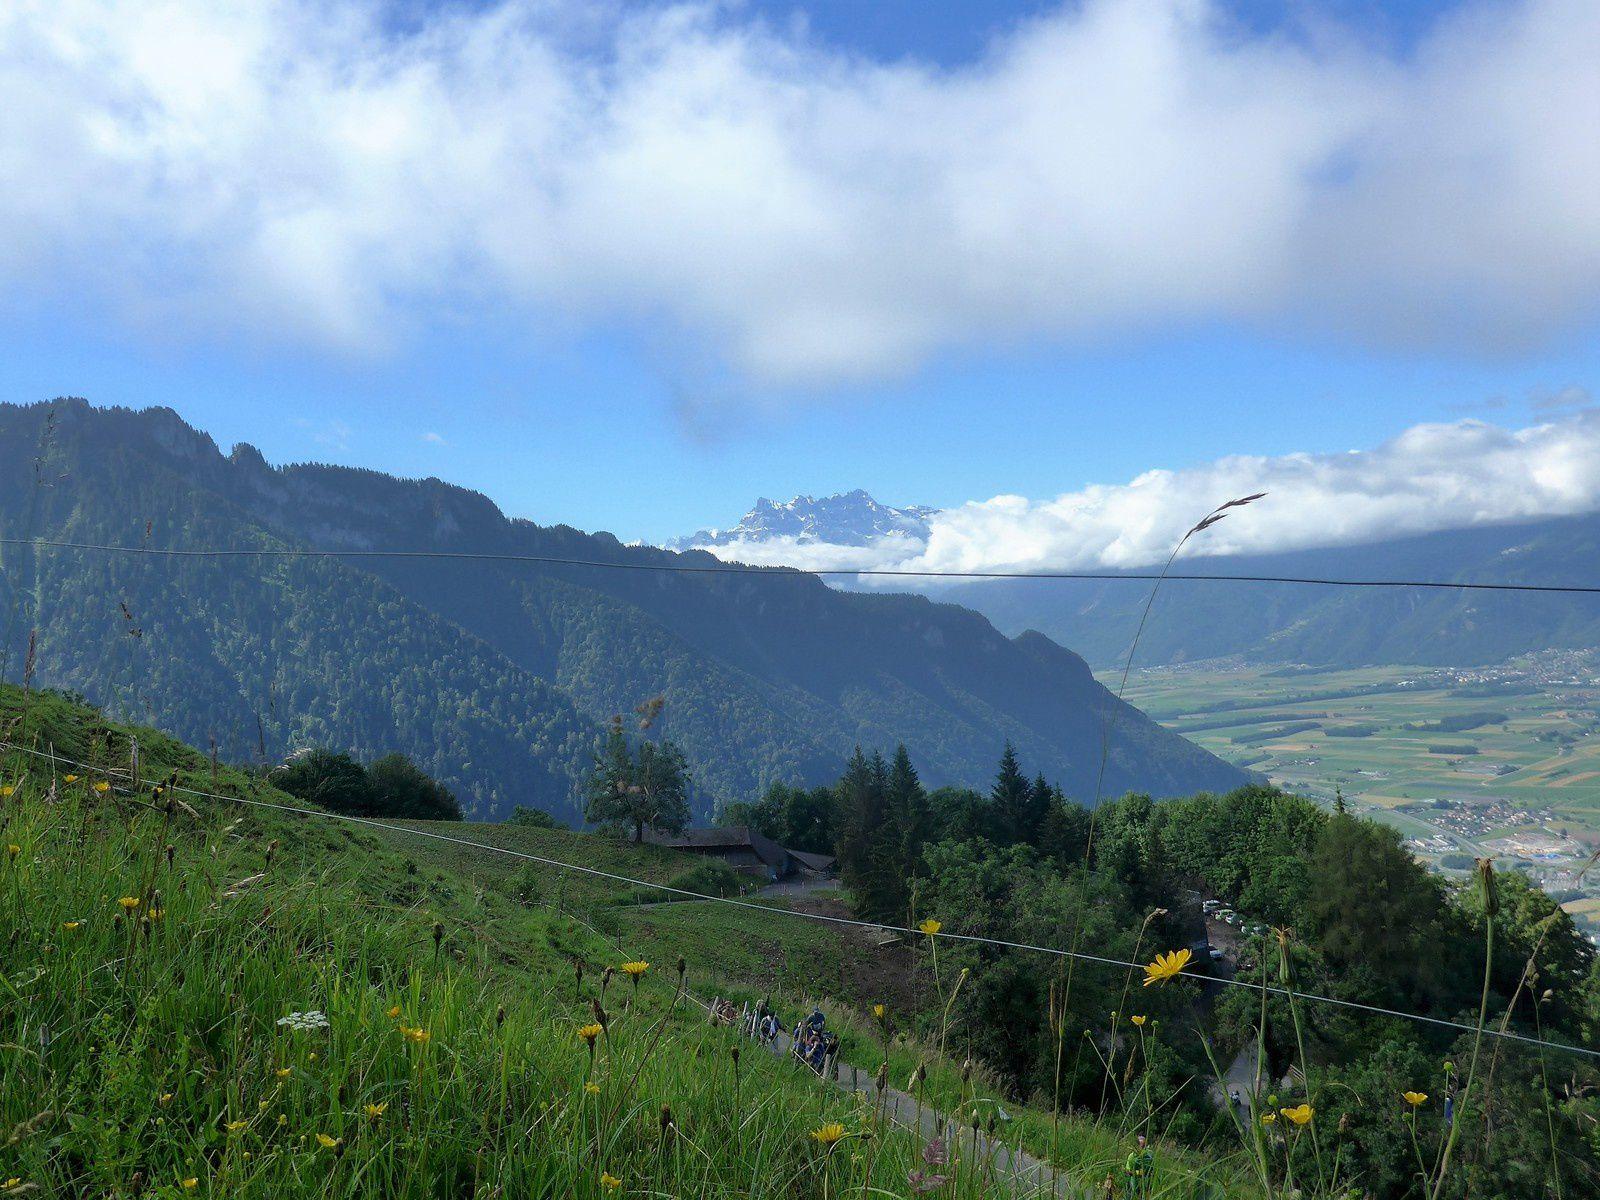 Montreux-Les Rochers de Naye